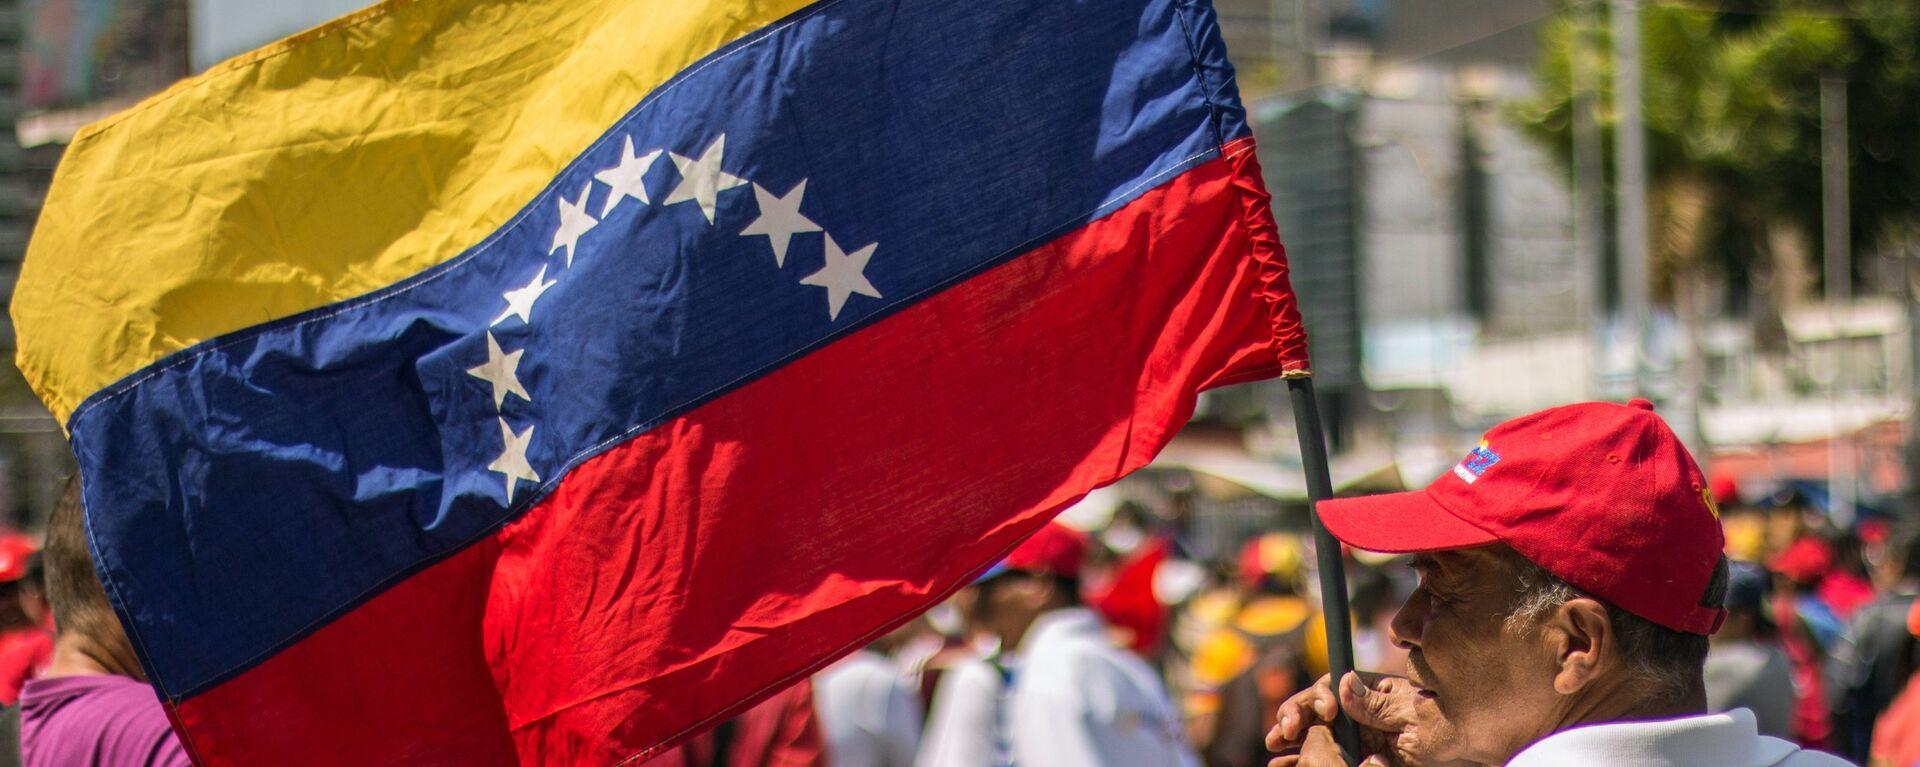 Un hombre con la bandera de Venezuela - Sputnik Mundo, 1920, 13.08.2021